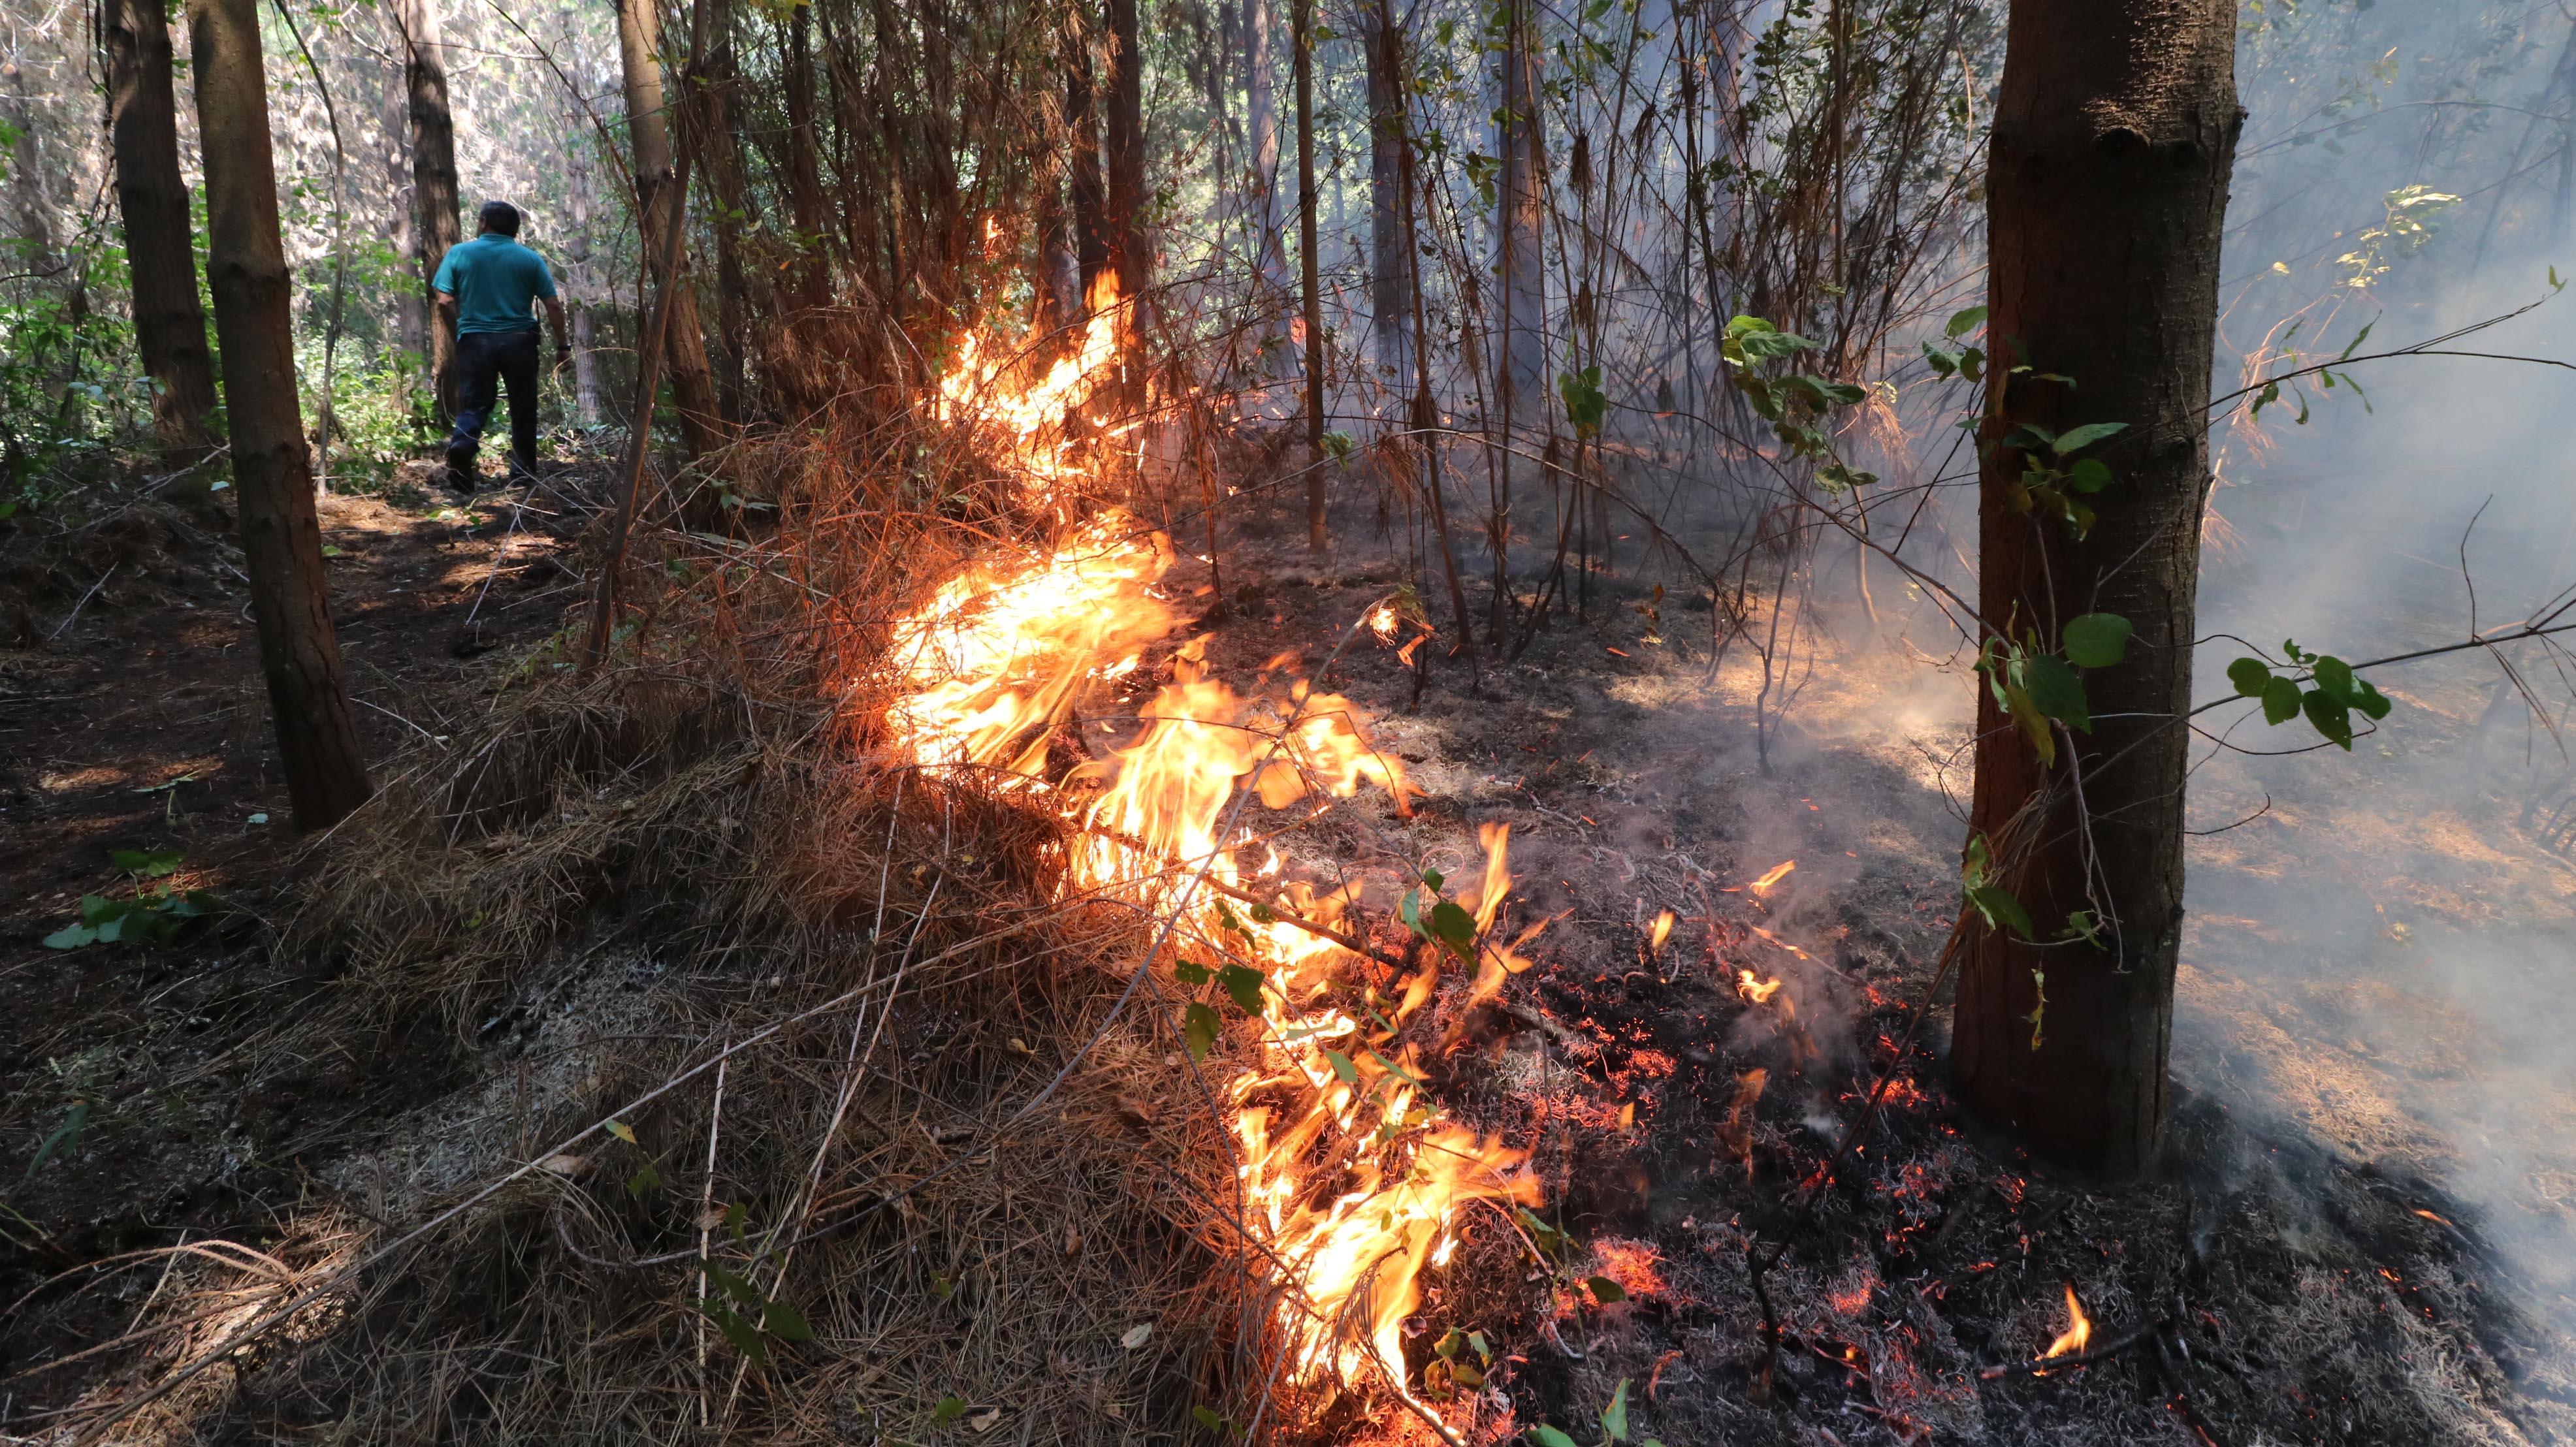 Onemi declara Alerta Roja para dos comunas de la región del Ñuble por incendios forestales